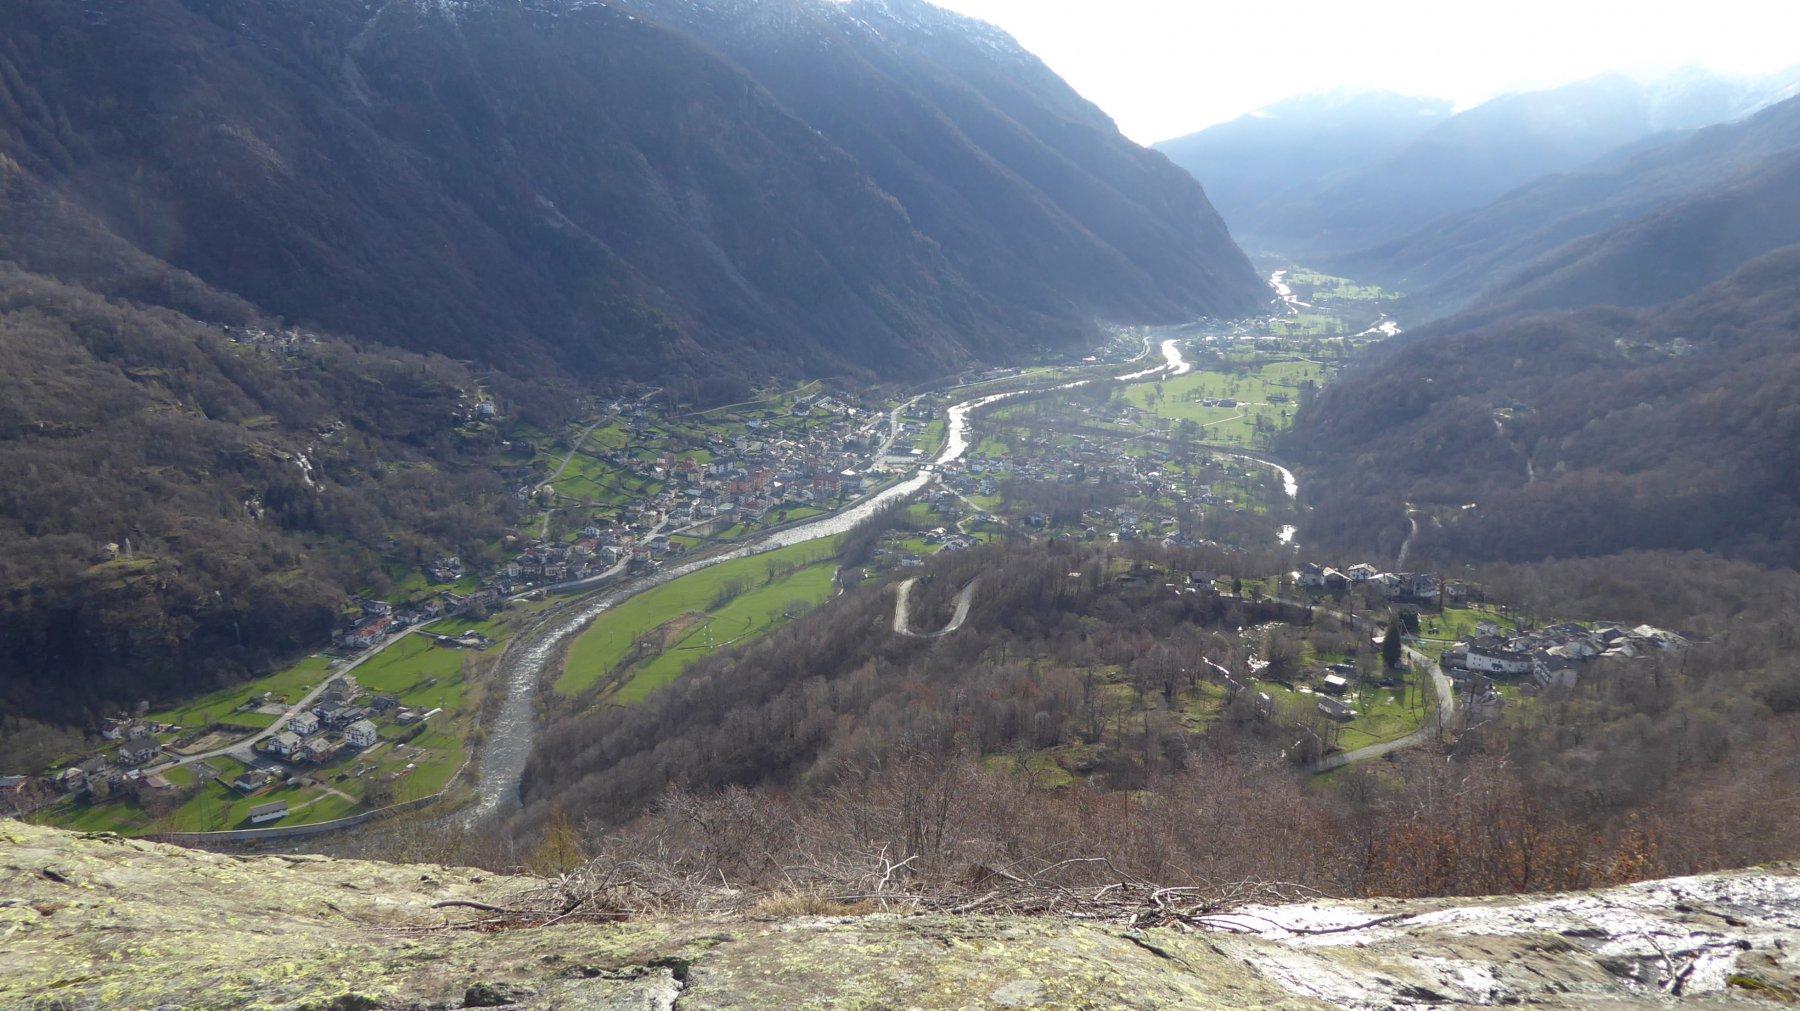 Vista su Montigli e Locana